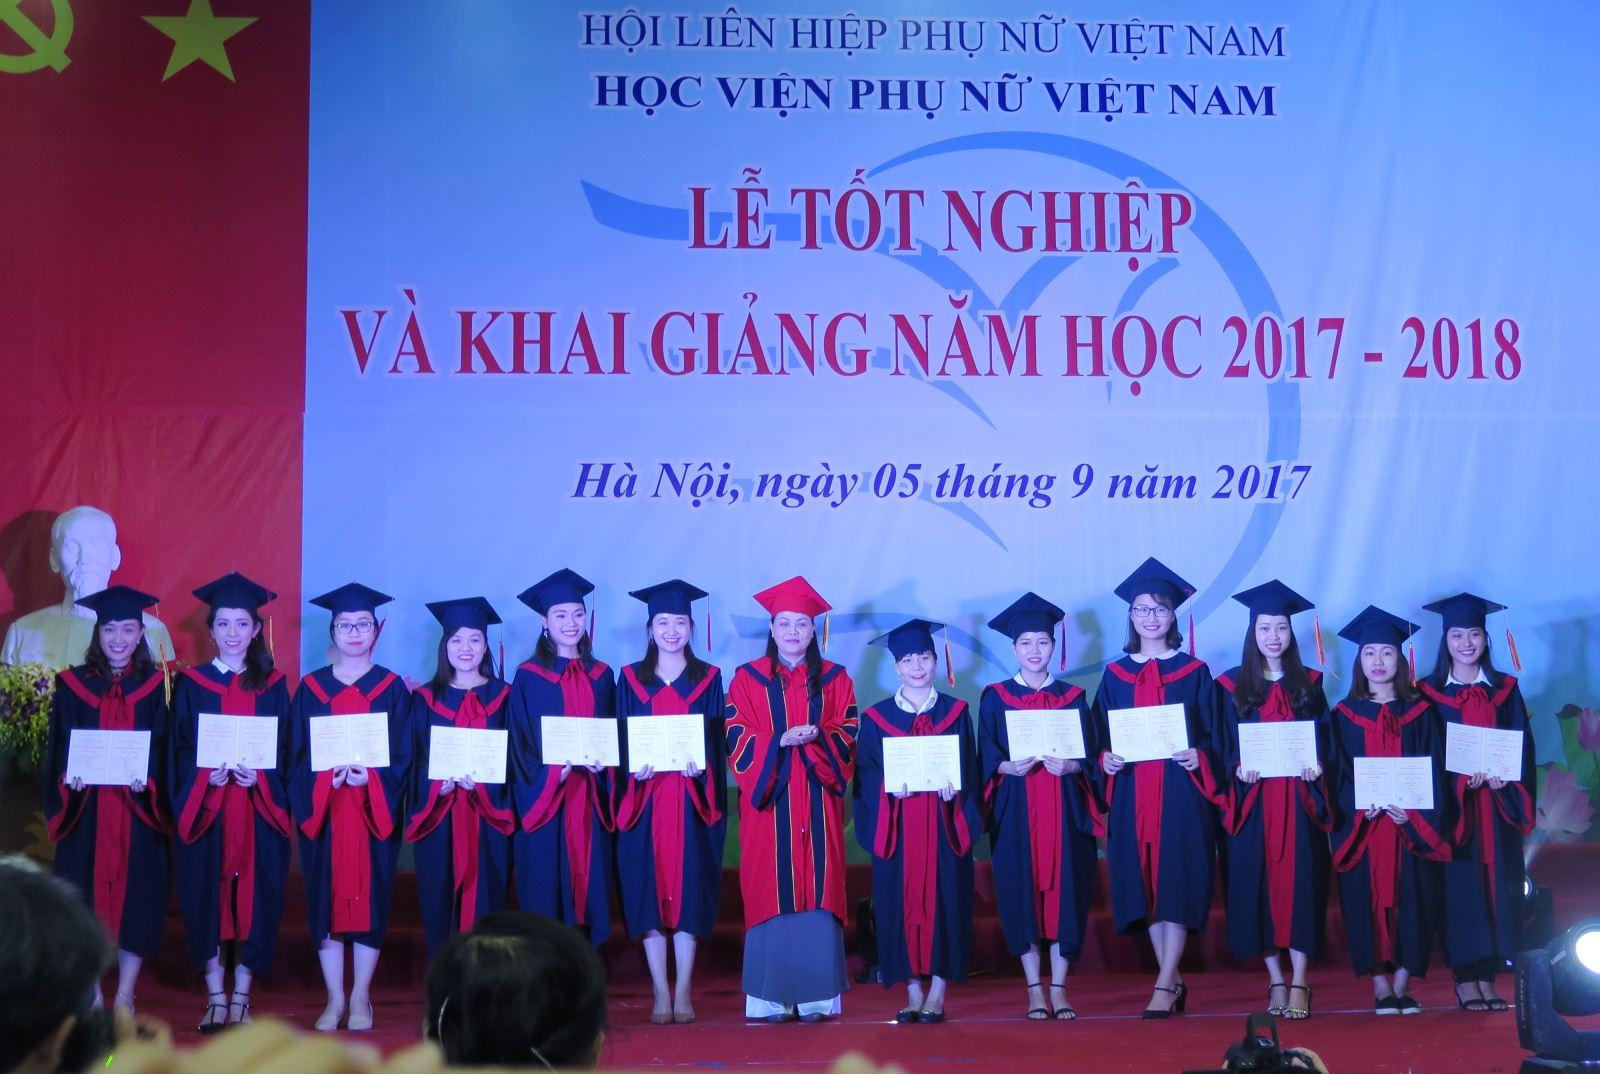 Nhà báo & Công Luận: Học viện Phụ nữ Việt Nam: Kế thừa truyền thống, vững bước tương lai